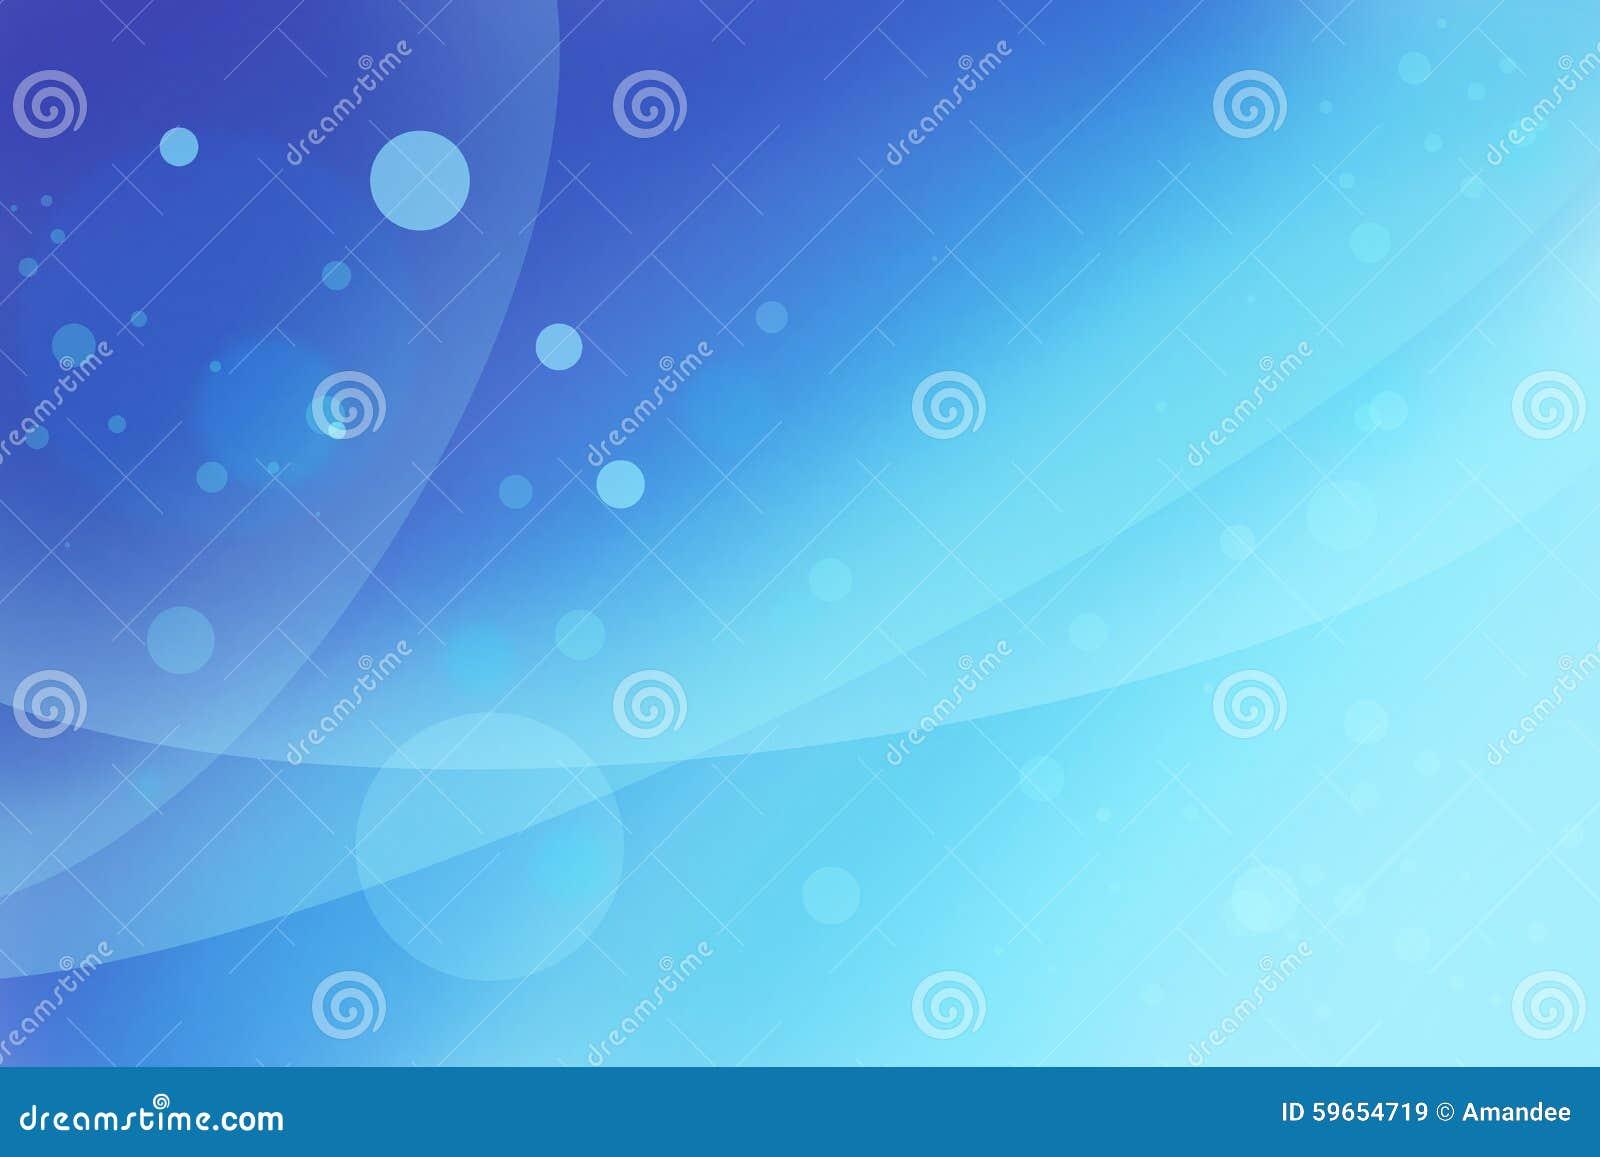 Fond bleu lumineux abstrait avec des bulles de vagues, de flottement ou des cercles